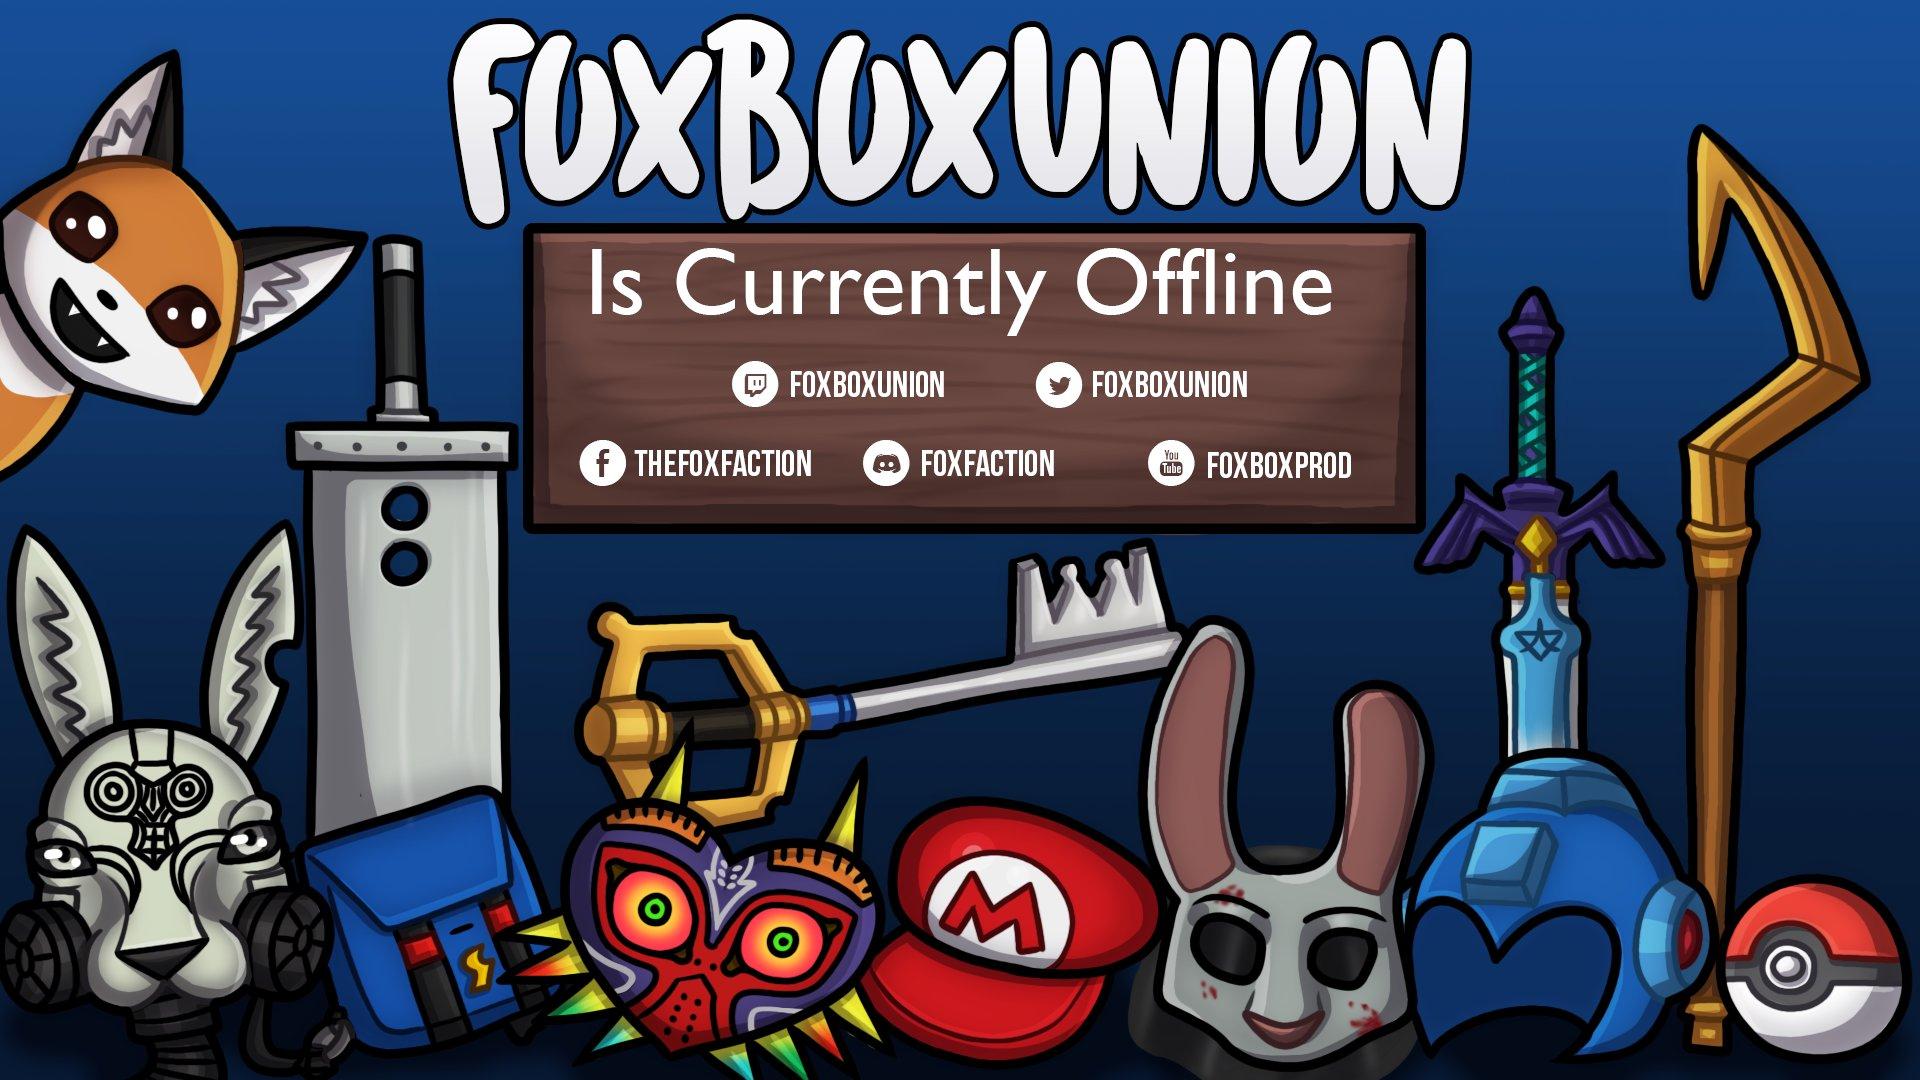 foxboxunion